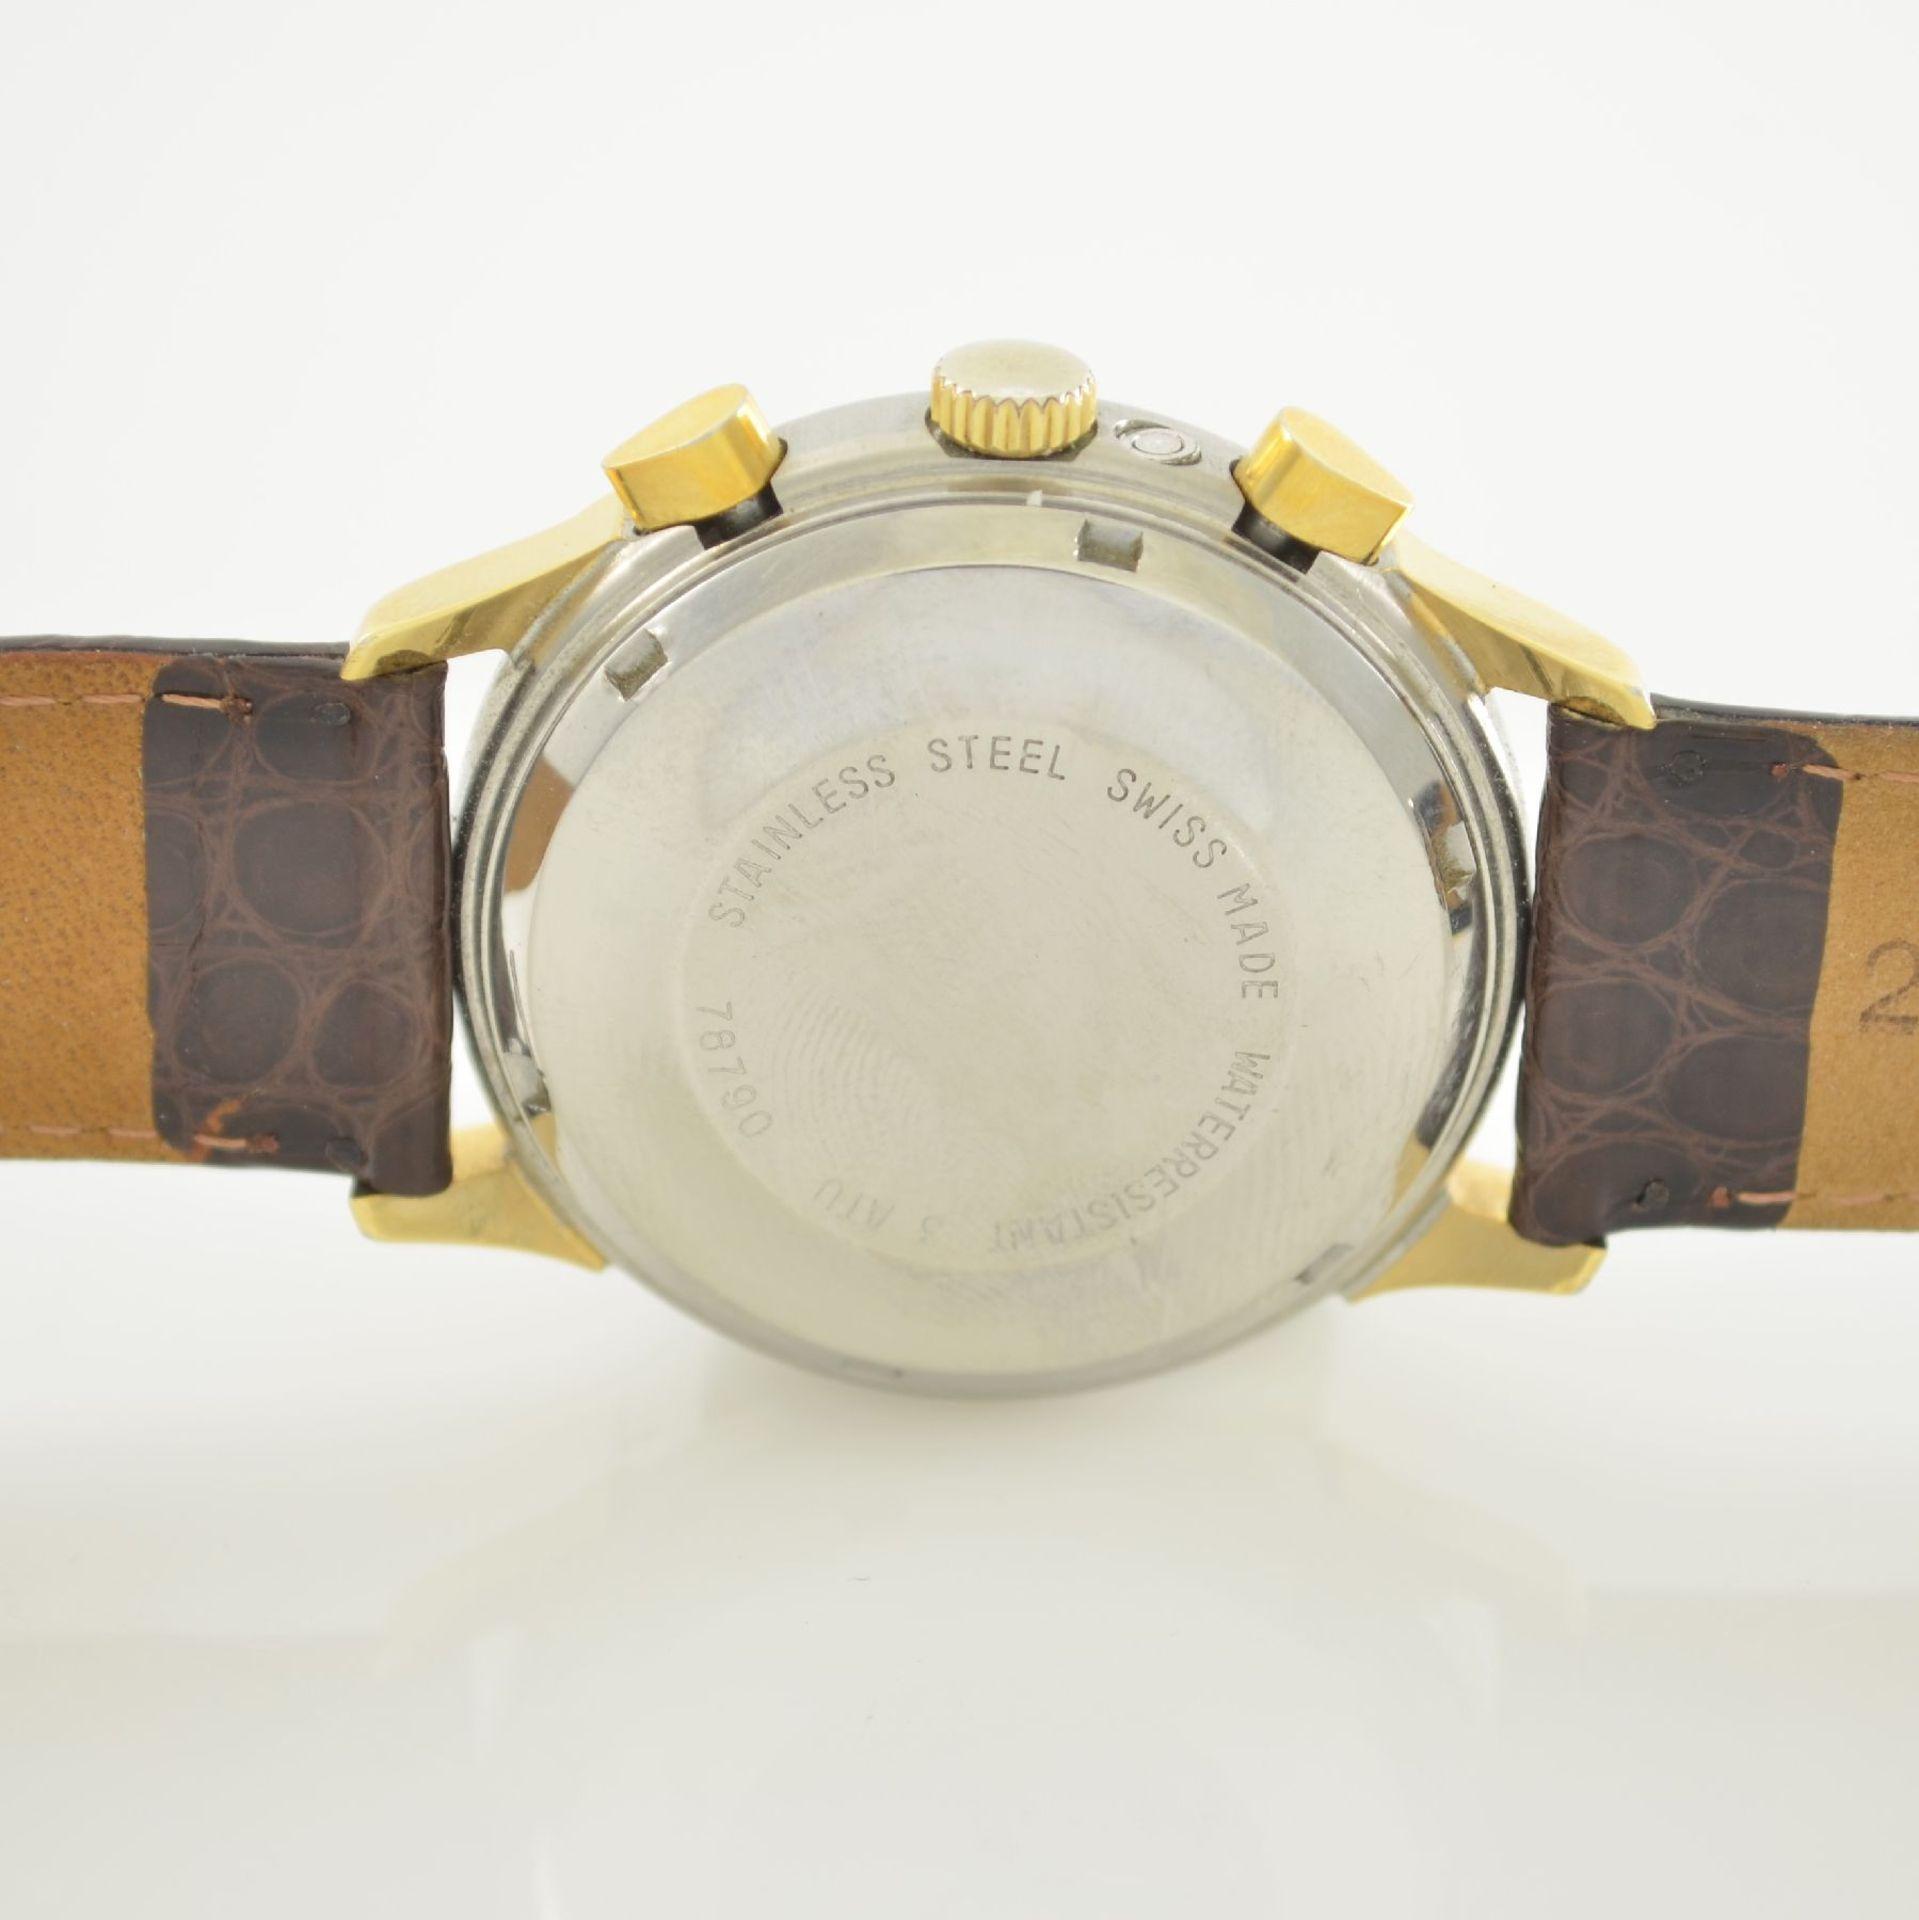 ALPINA Armbandchronograph mit Mondphase & Datum, Schweiz um 1990, Gehäuse in Edelstahl/Gold, Boden - Bild 6 aus 7